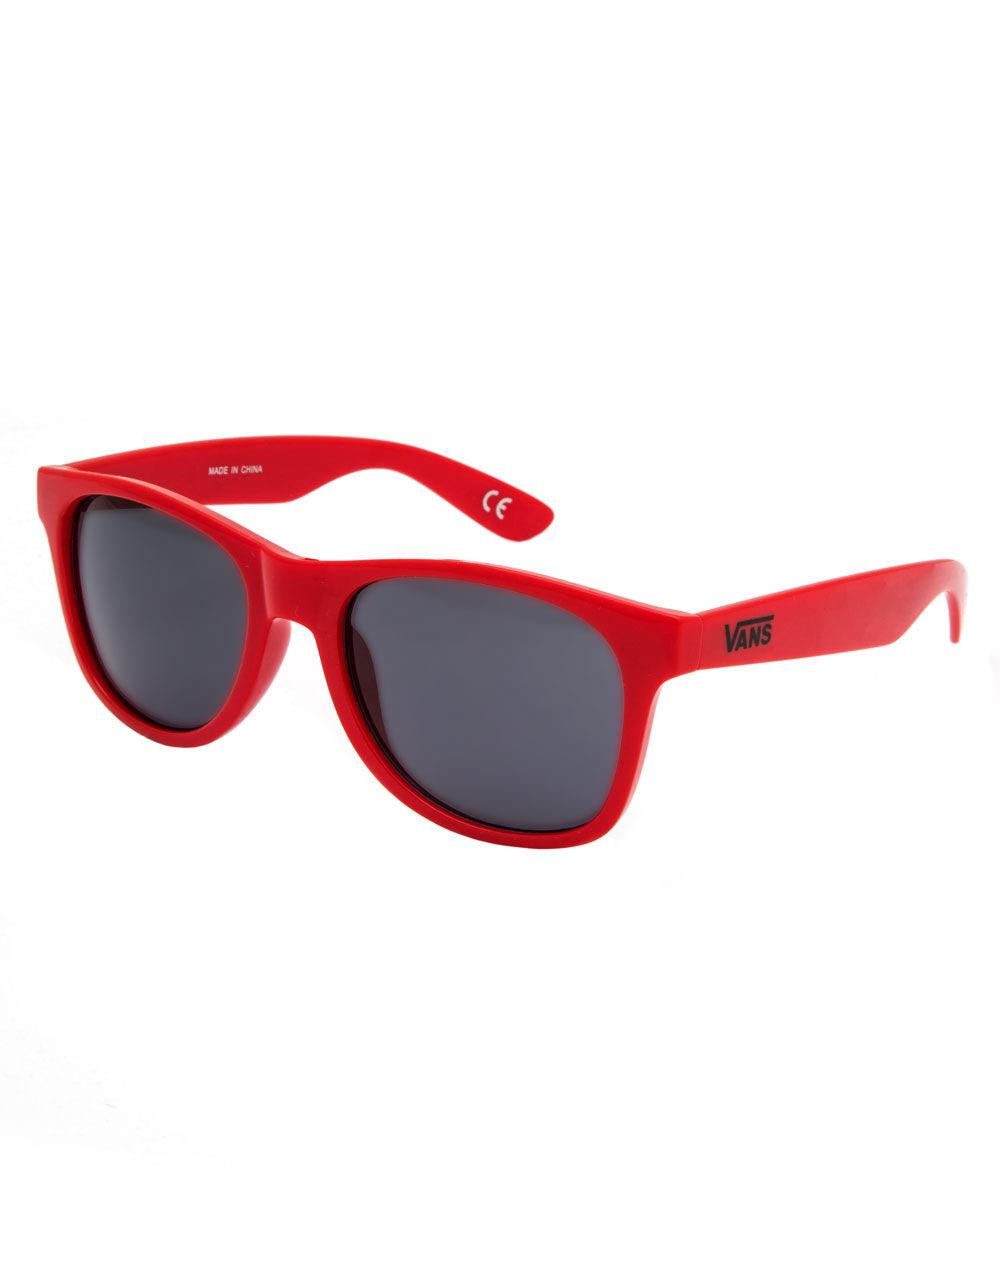 VANS Spicoli 4 Red Sunglasses